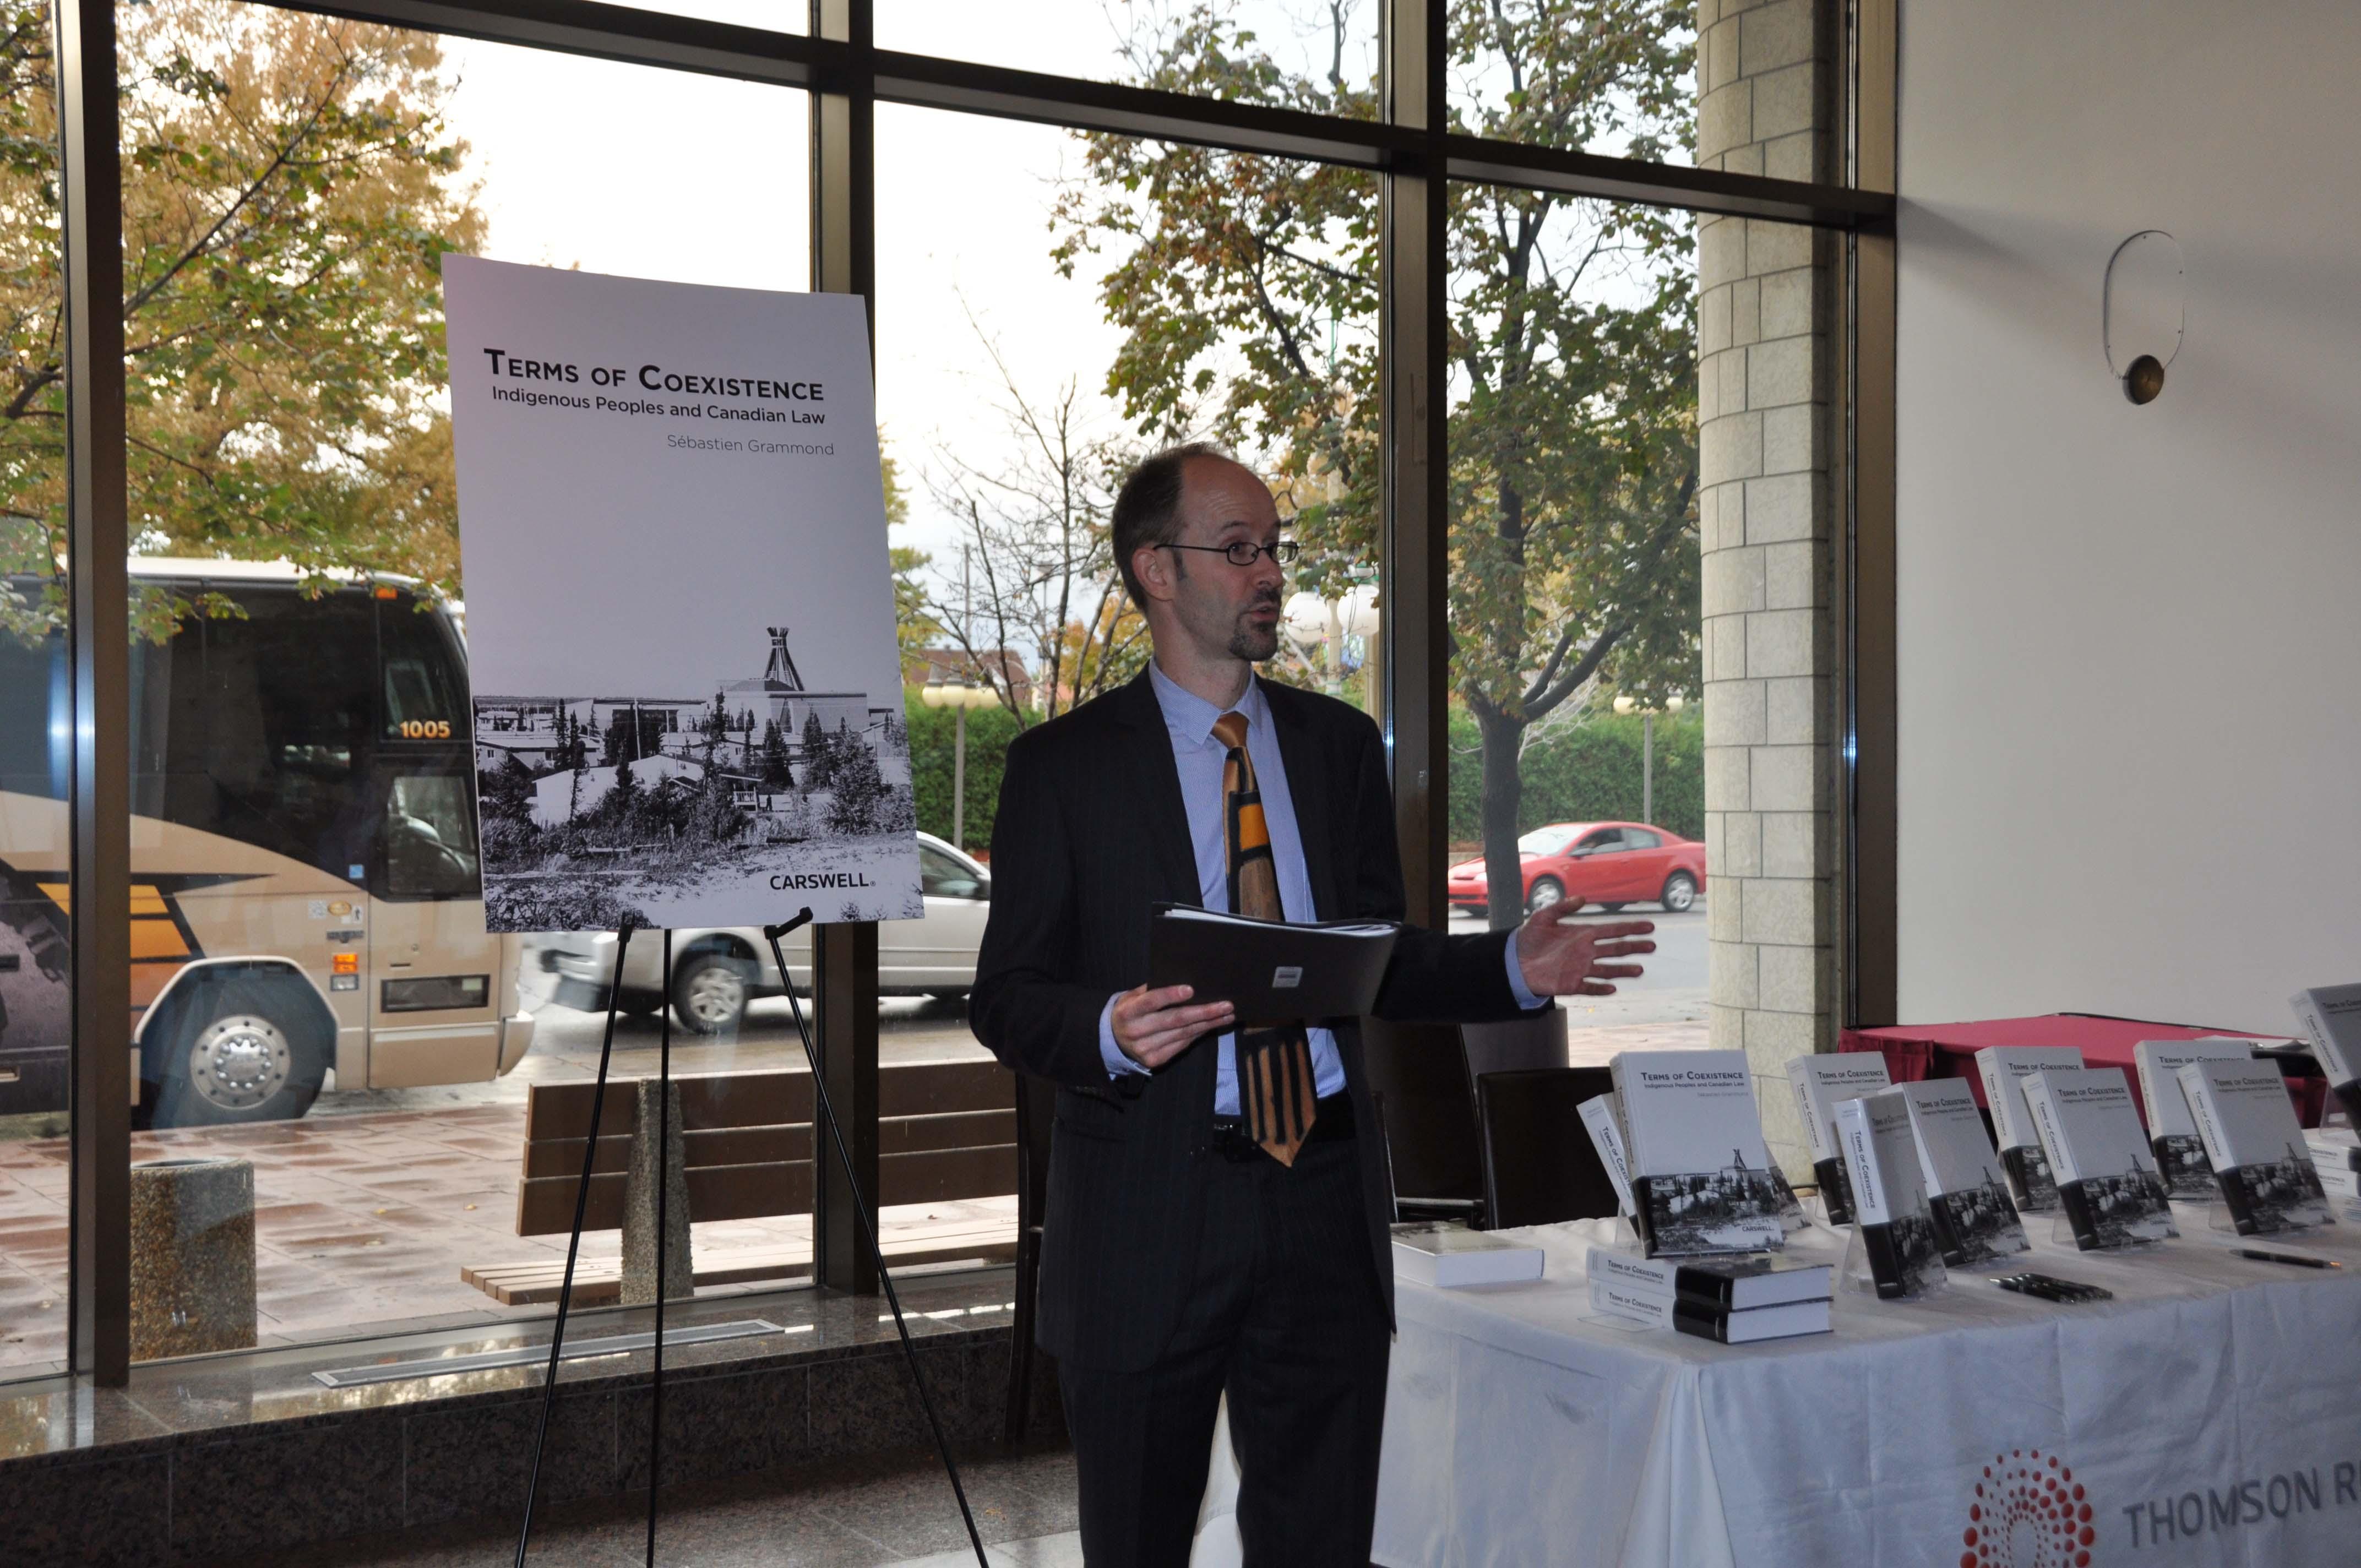 Le doyen Grammond prononce un discours à l'occasion du lancement de son livre.